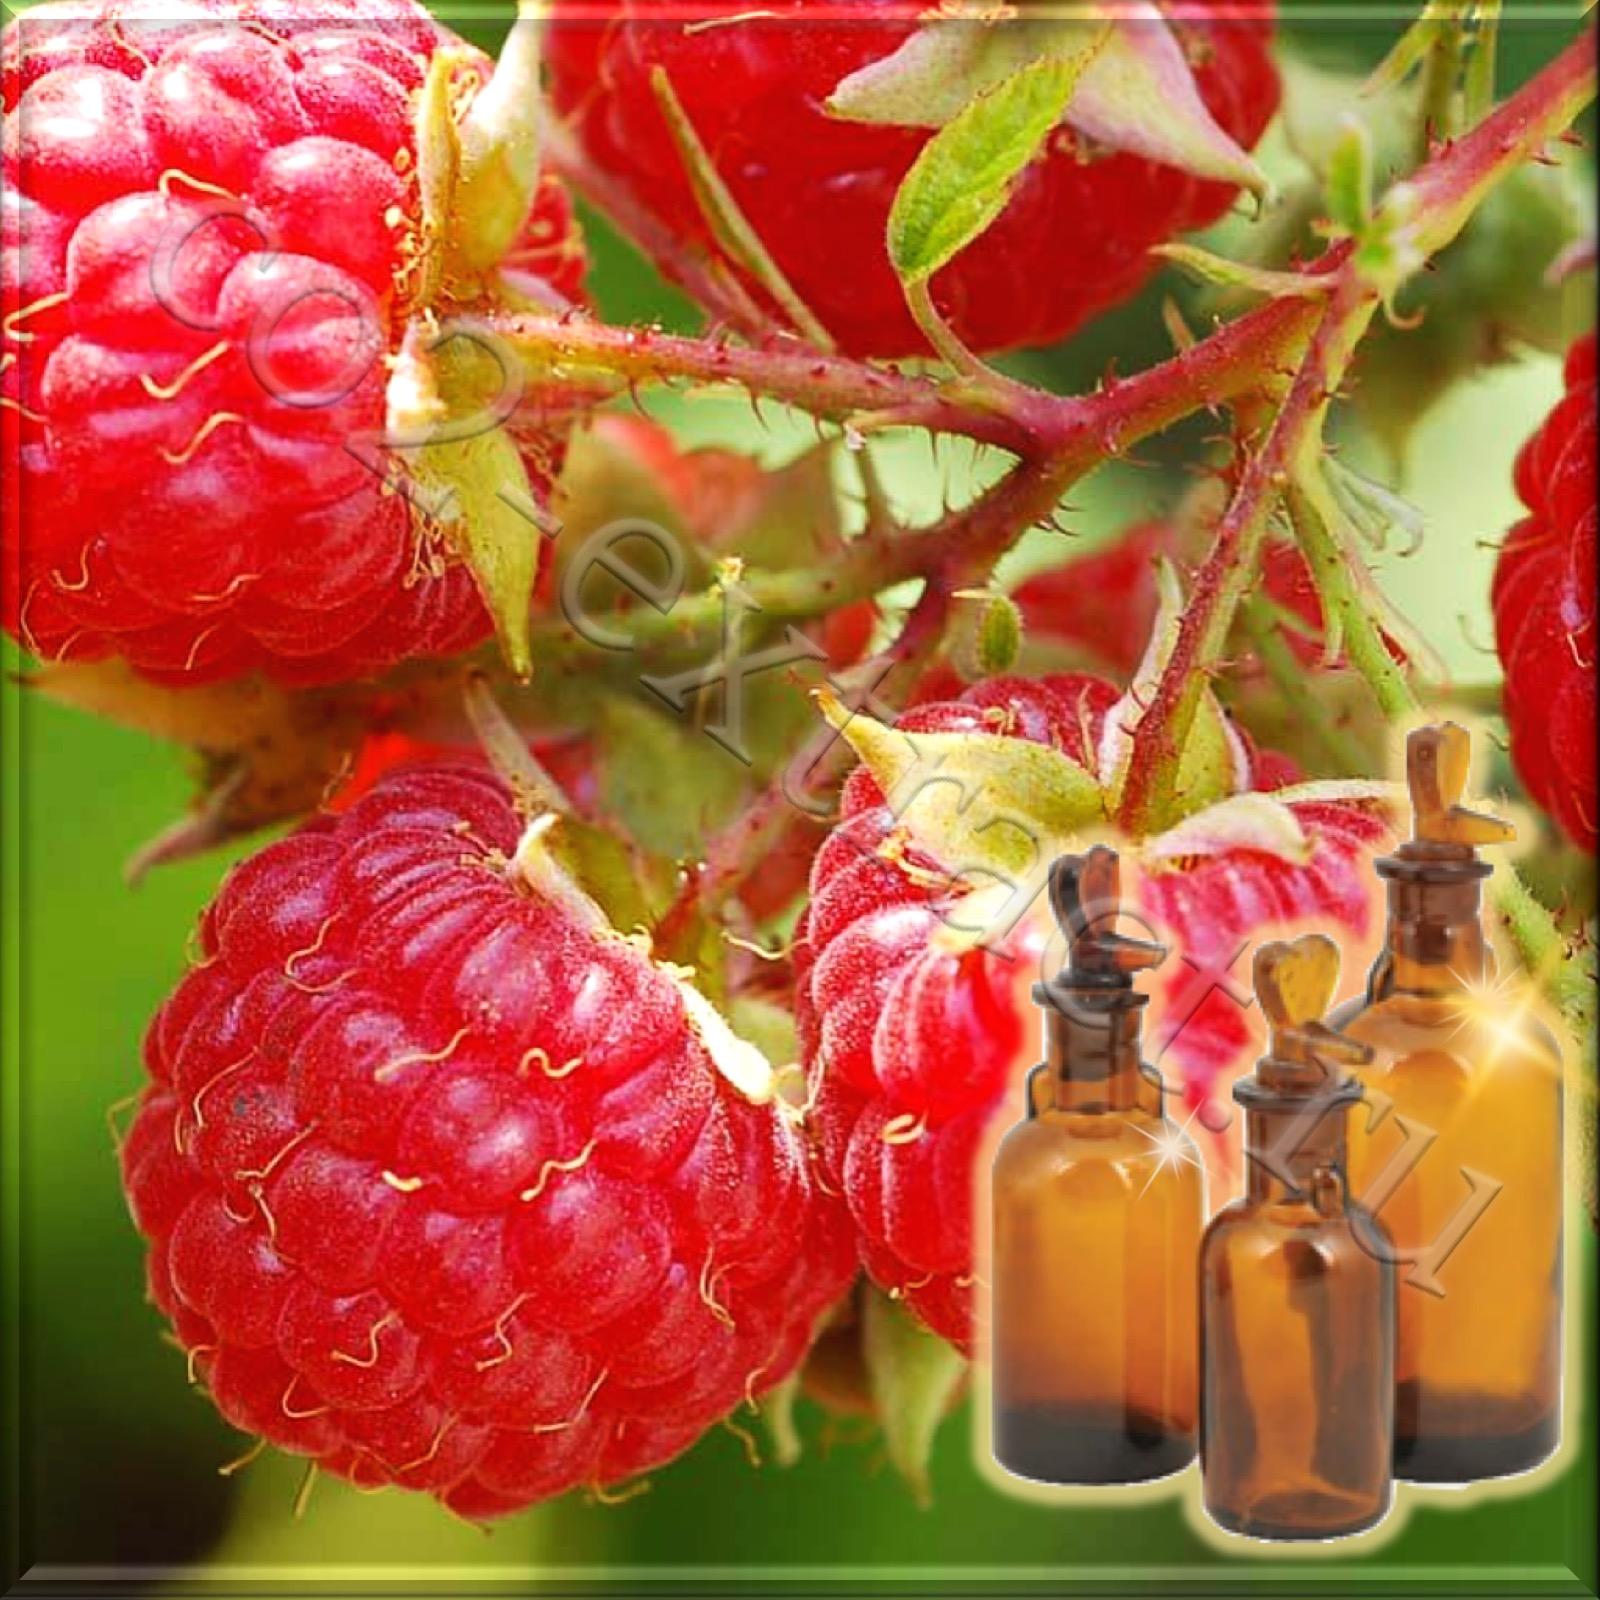 Сверхкритический CO2 экстракт малины ягоды (Витамин Е, % не менее 1%,Терпены и терпеноиды, % 6, флавоноиды 2%)